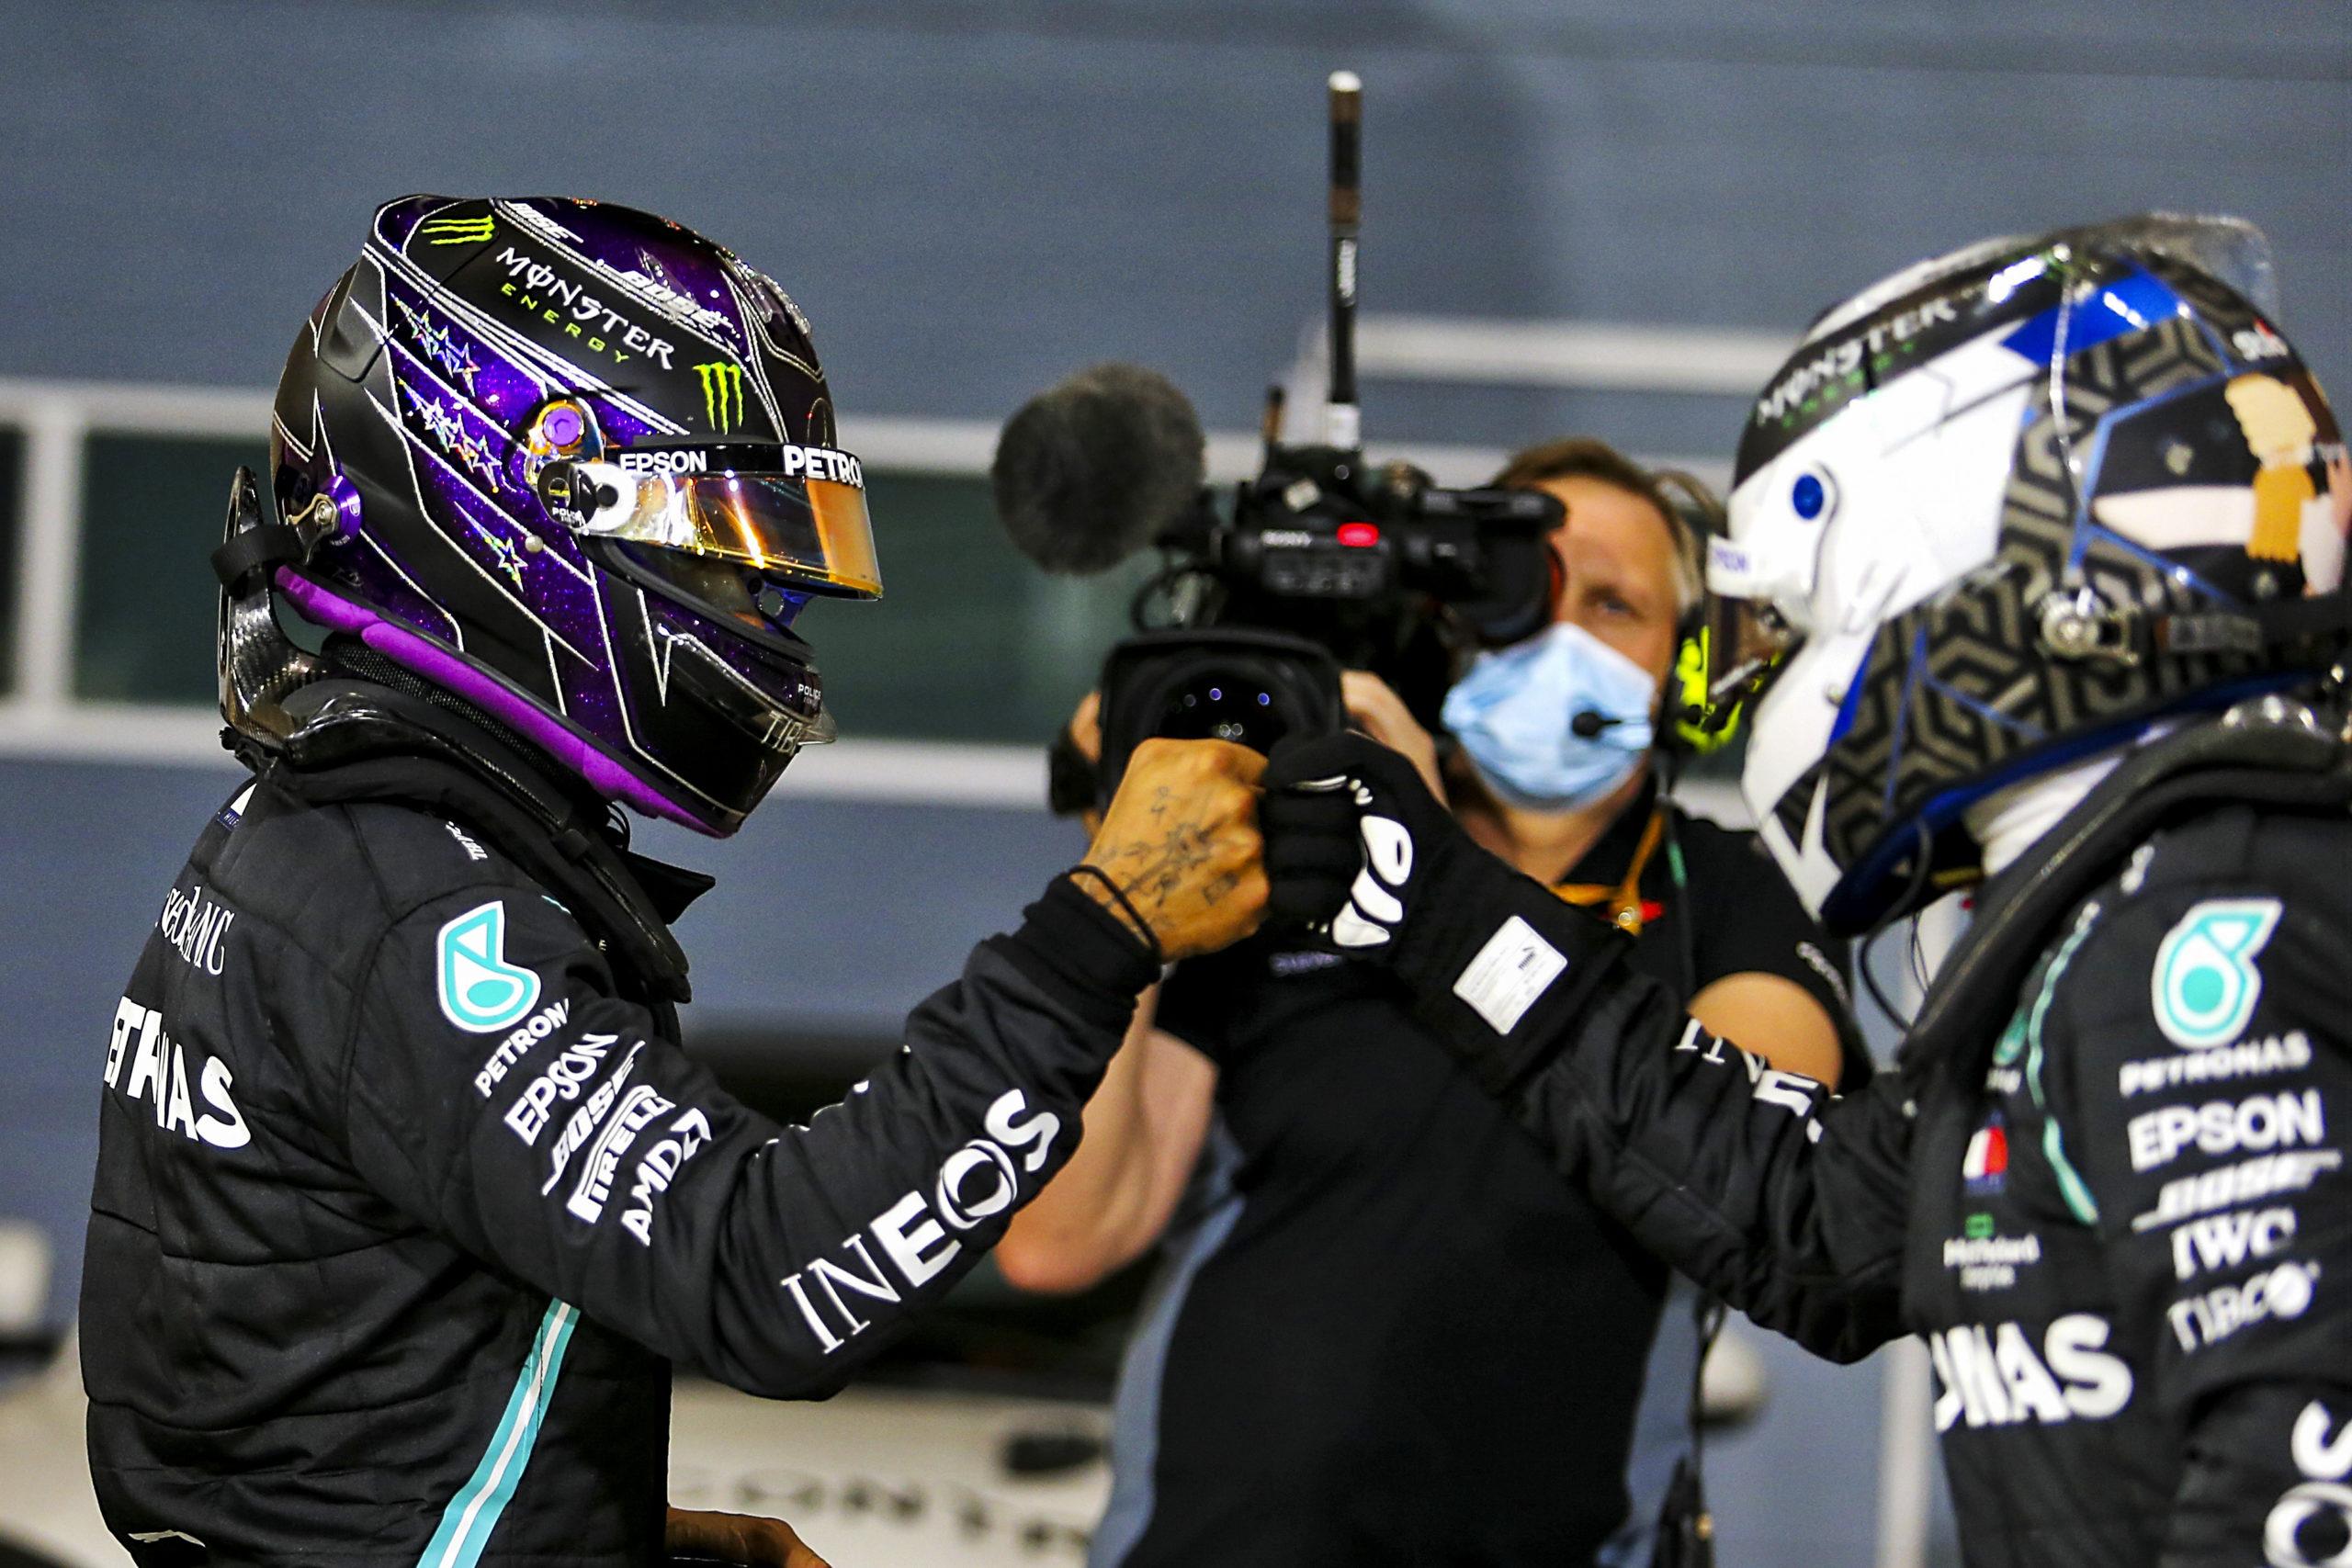 2020 Bahrain Grand Prix, Saturday - LAT Images